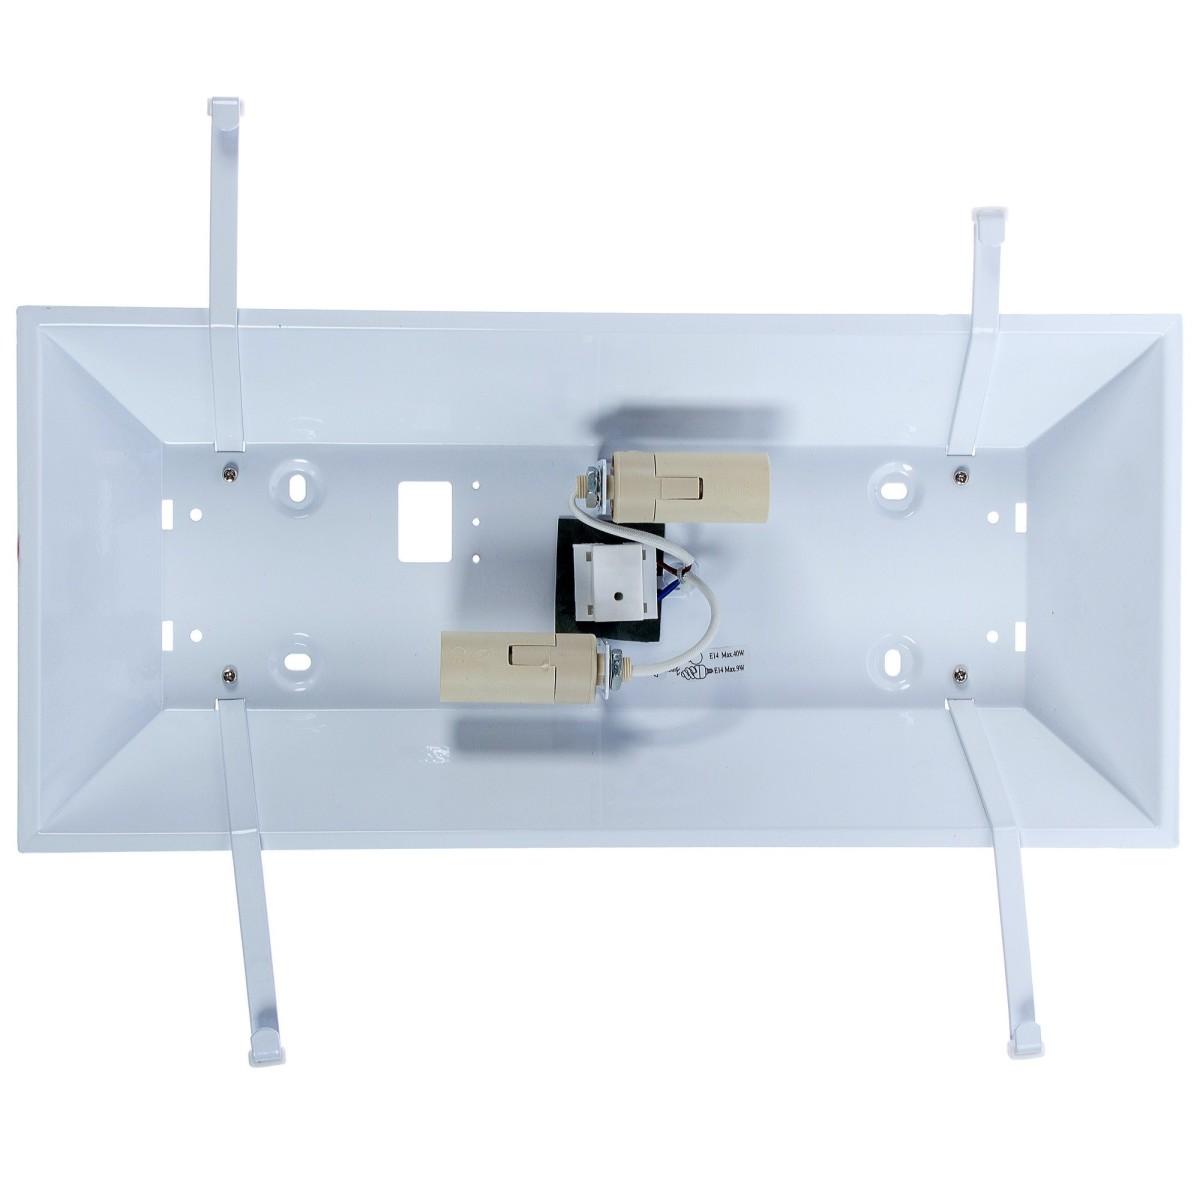 База для светильника Inspire WL-056 большой 2xE14х40 Вт металл цвет белый